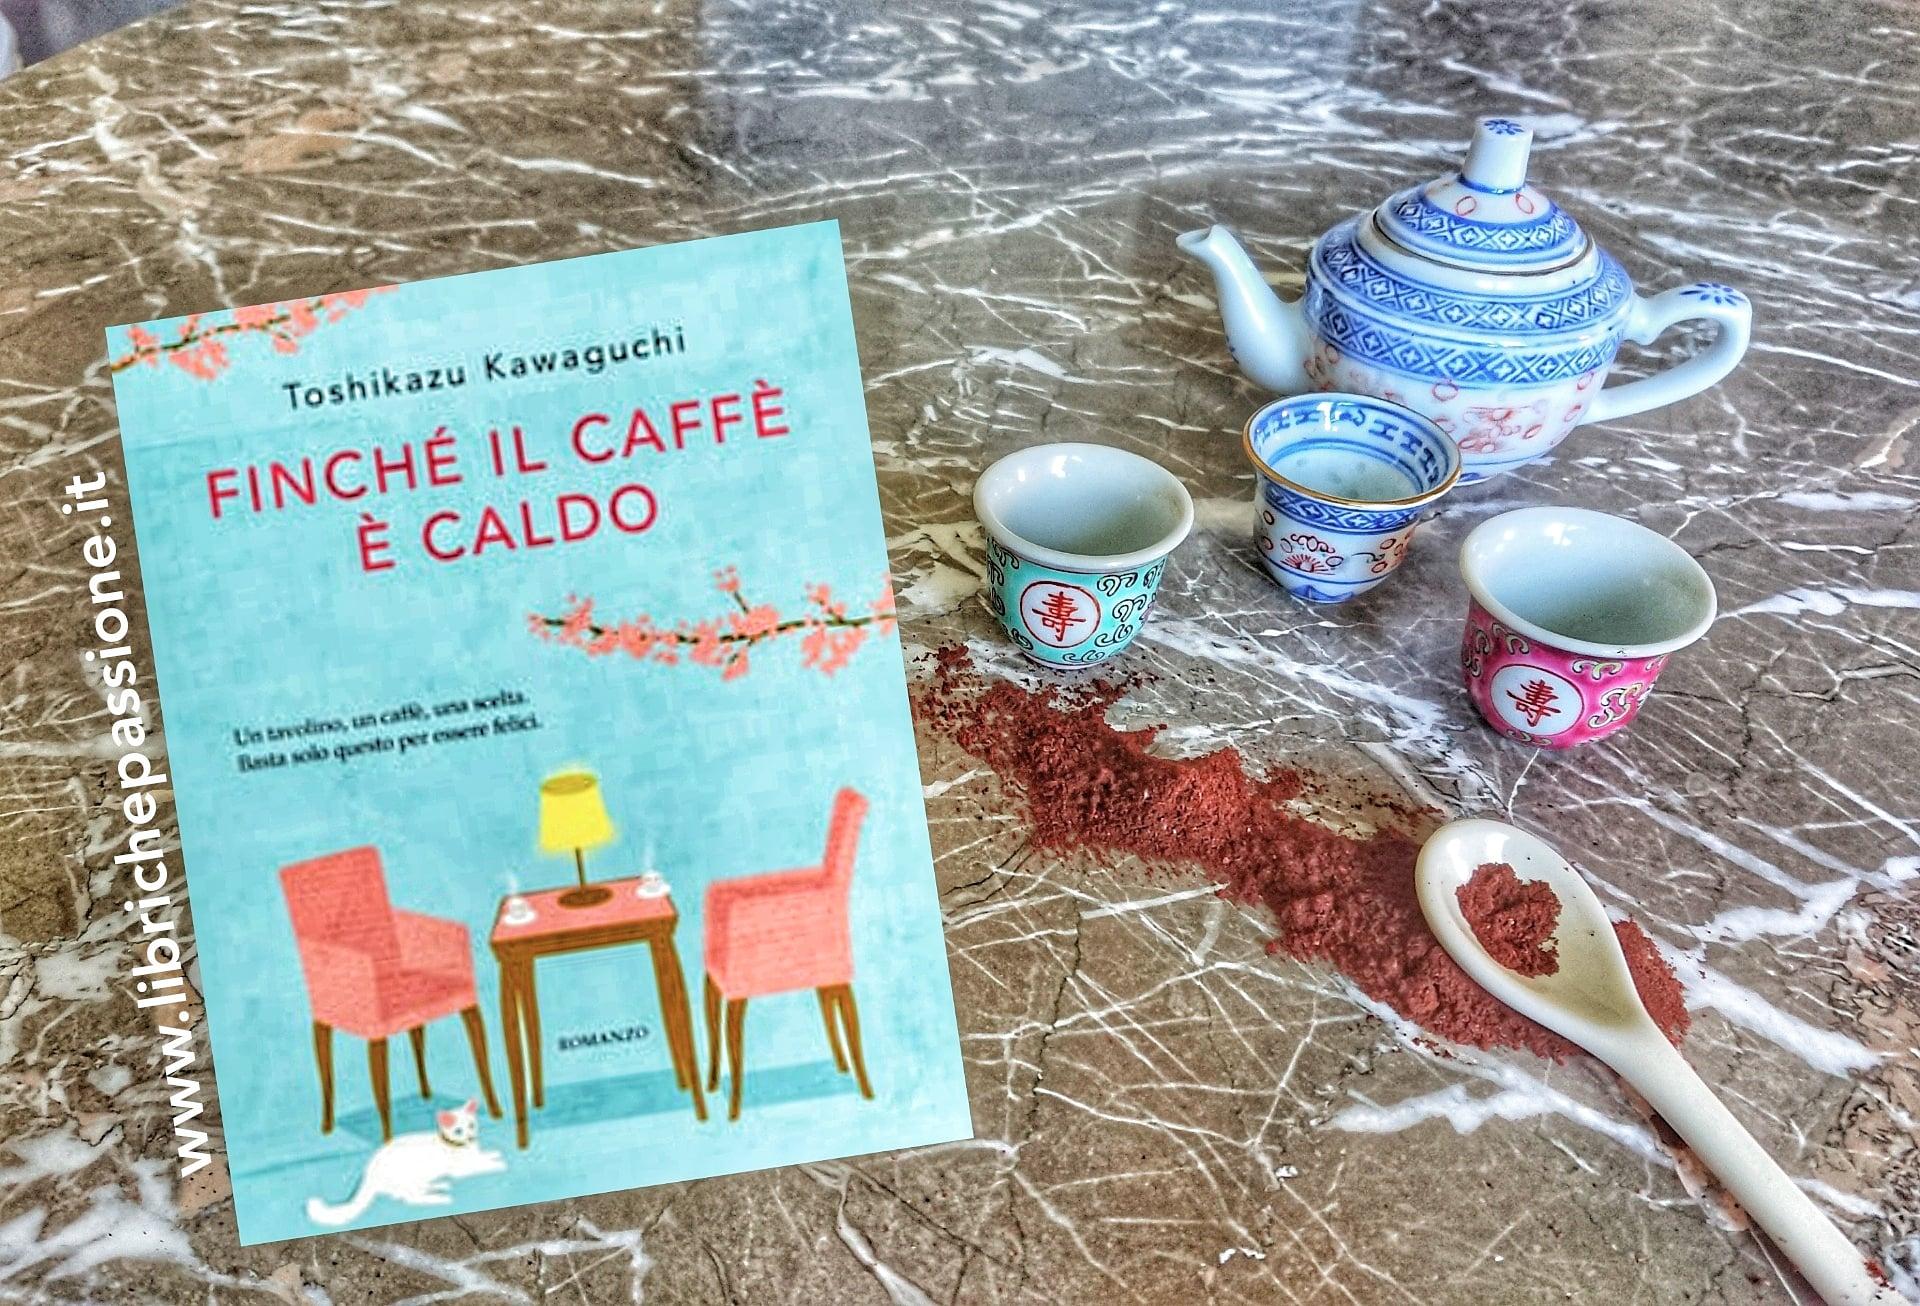 """Recensione del romanzo """"Finchè il caffè è caldo"""" di Toshikazu Kawaguchi edito da Garzanti"""